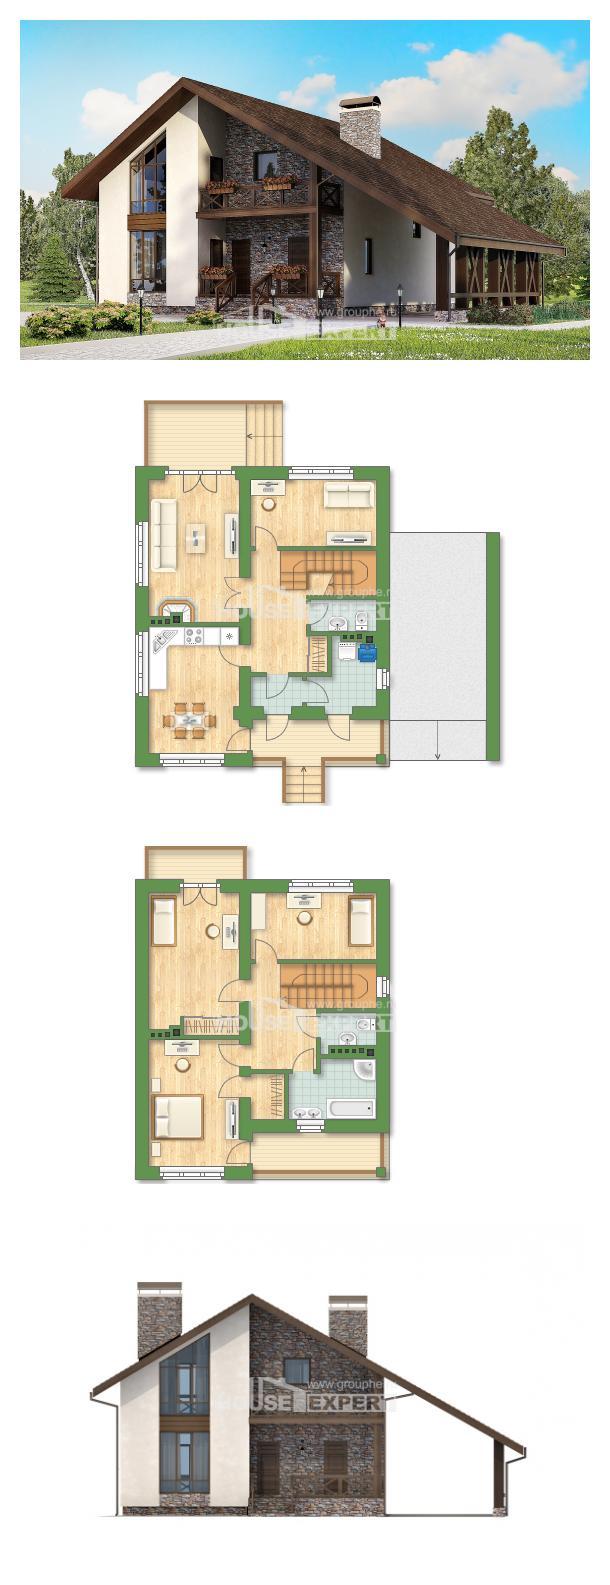 房子的设计 155-007-R | House Expert